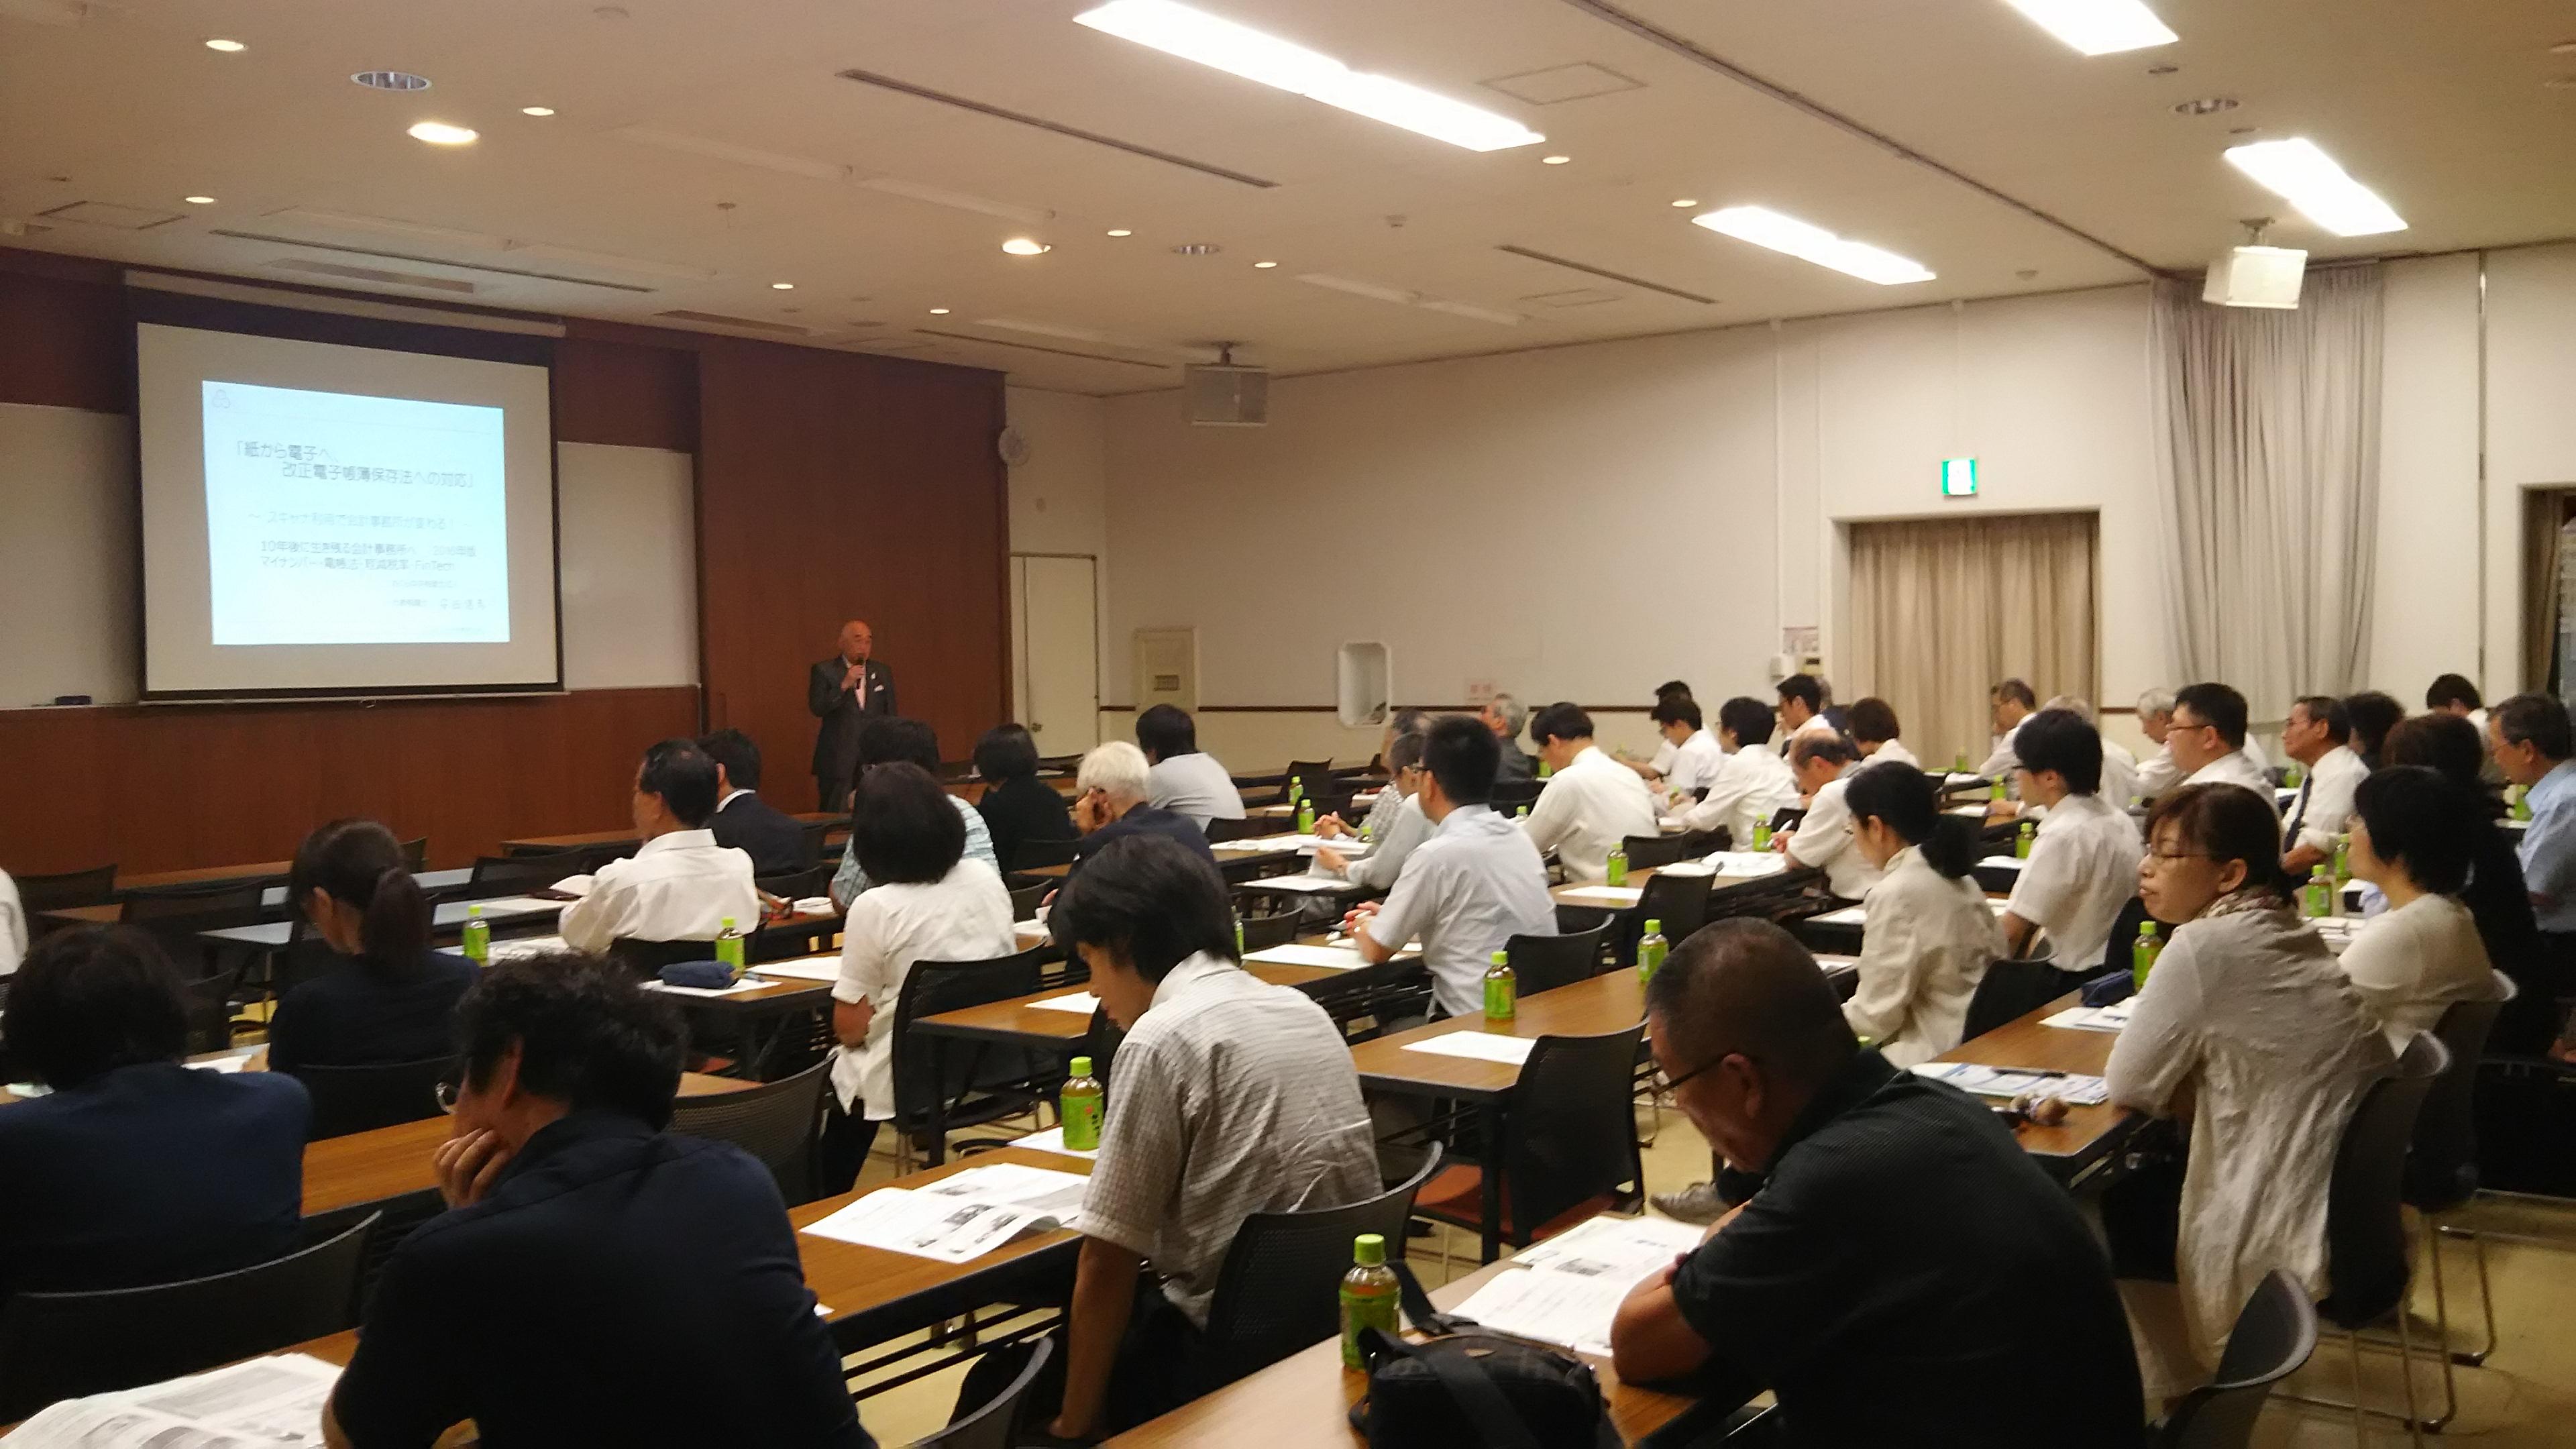 講演報告@株式会社ICS様(岡山会場)